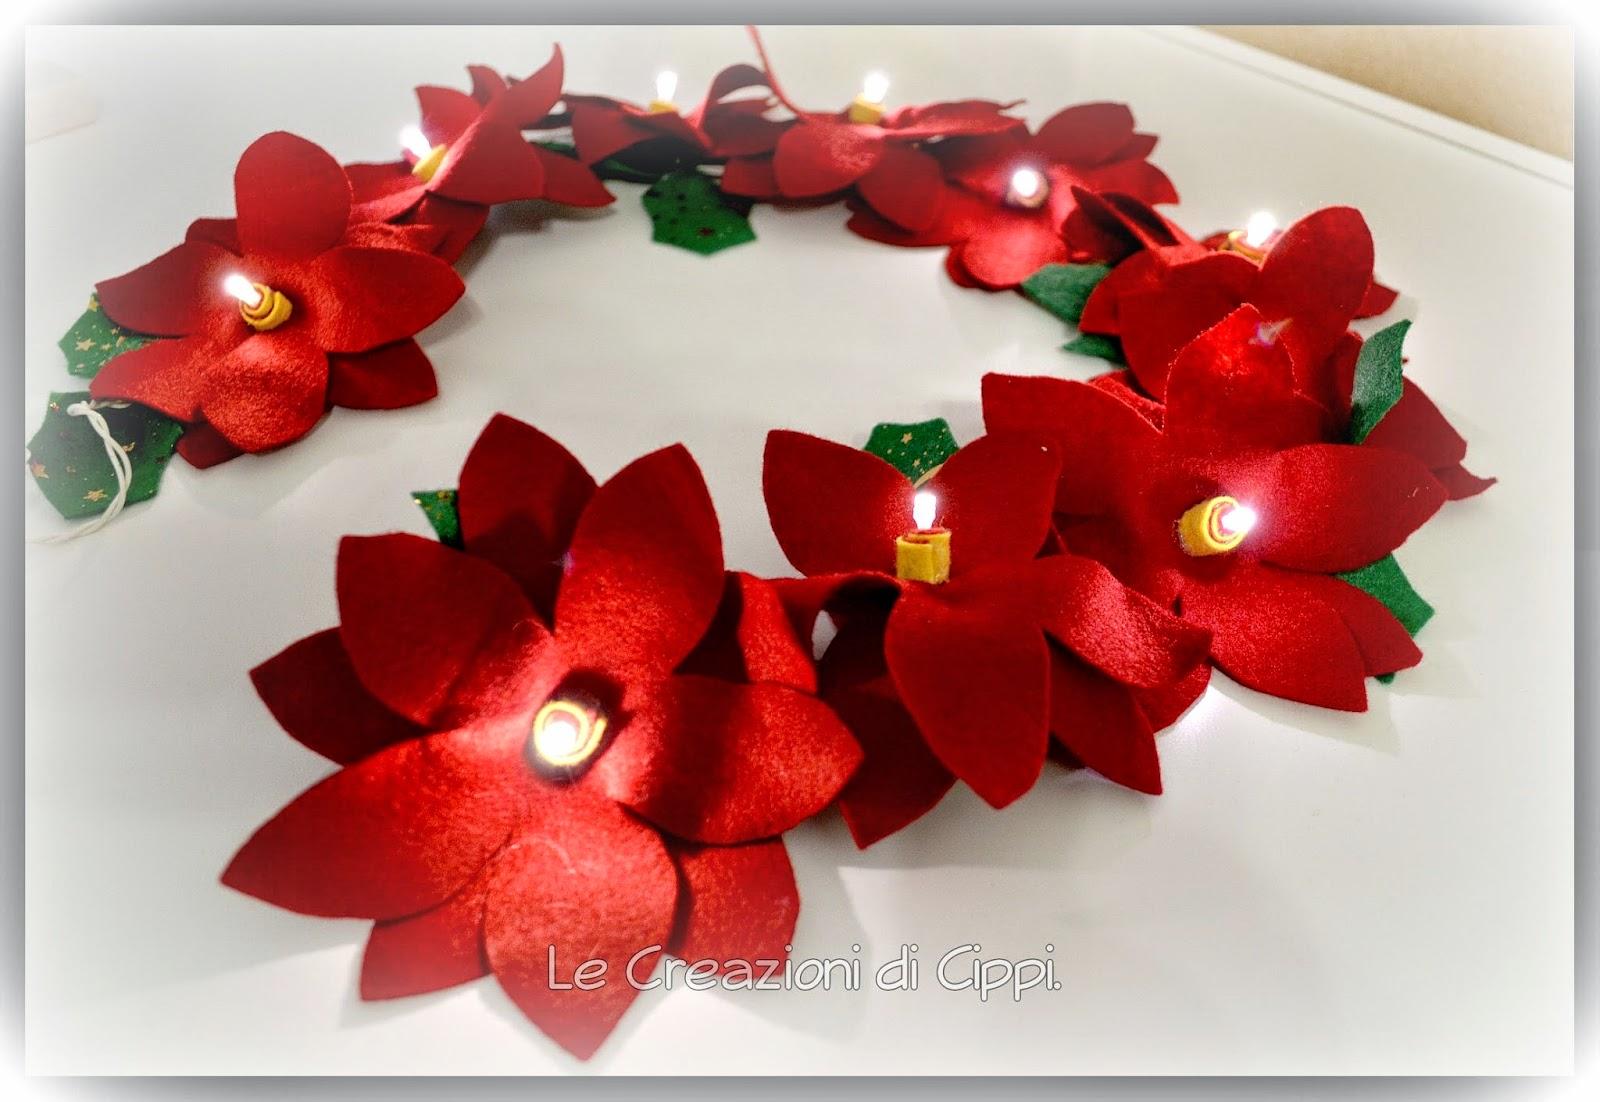 Le creazioni di cippi ghirlanda stelle di natale rosse in for Creazioni di natale fatte a mano